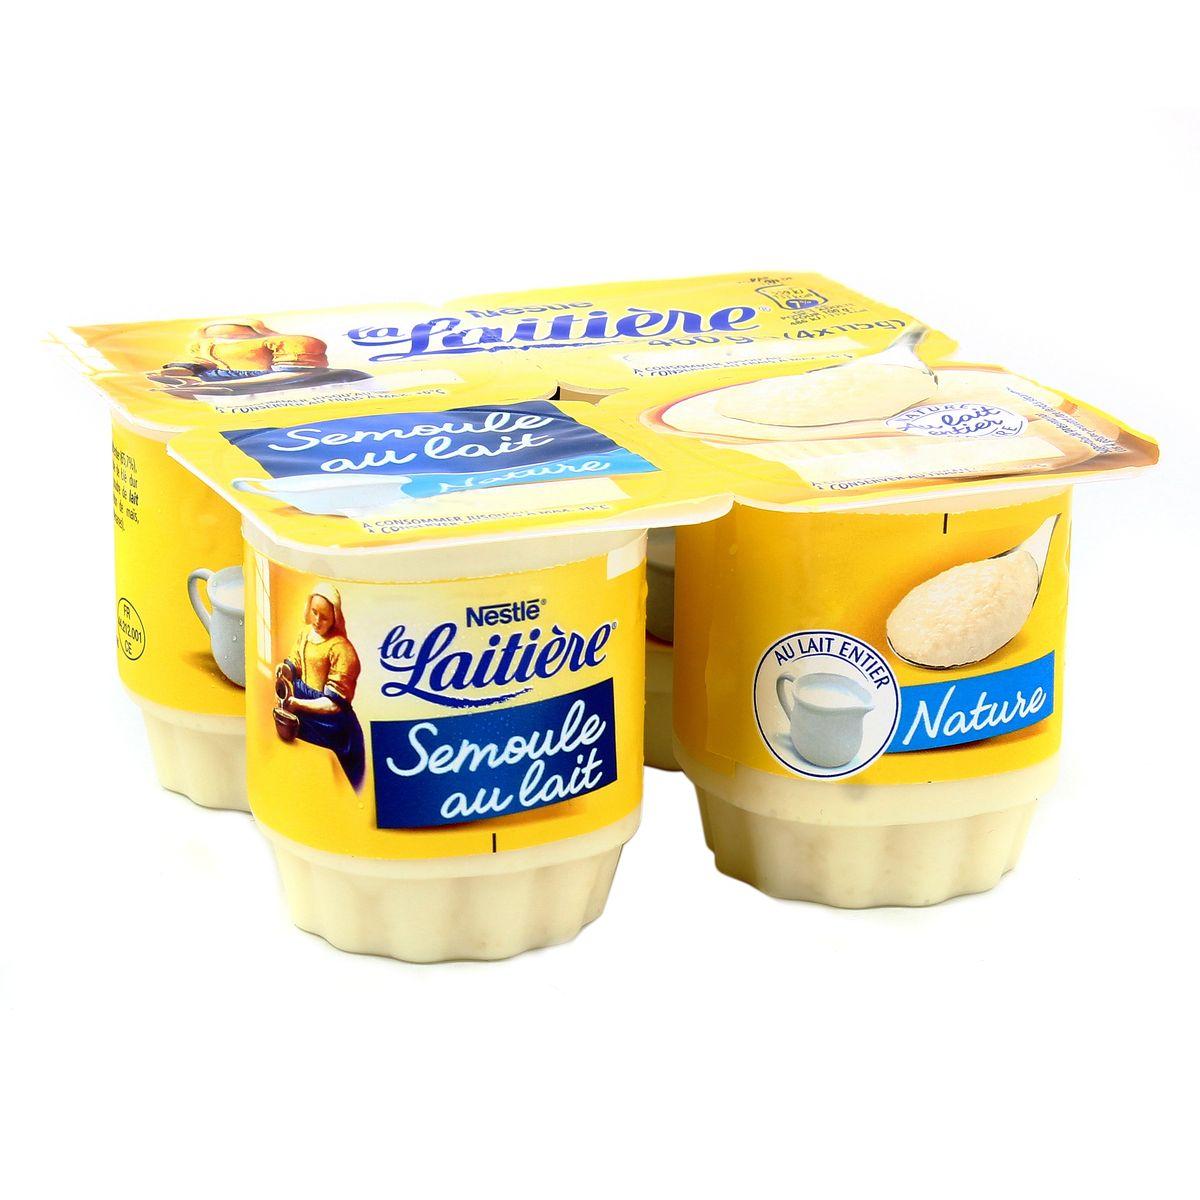 Semoule au lait, La Laitière (4 x 100 g)